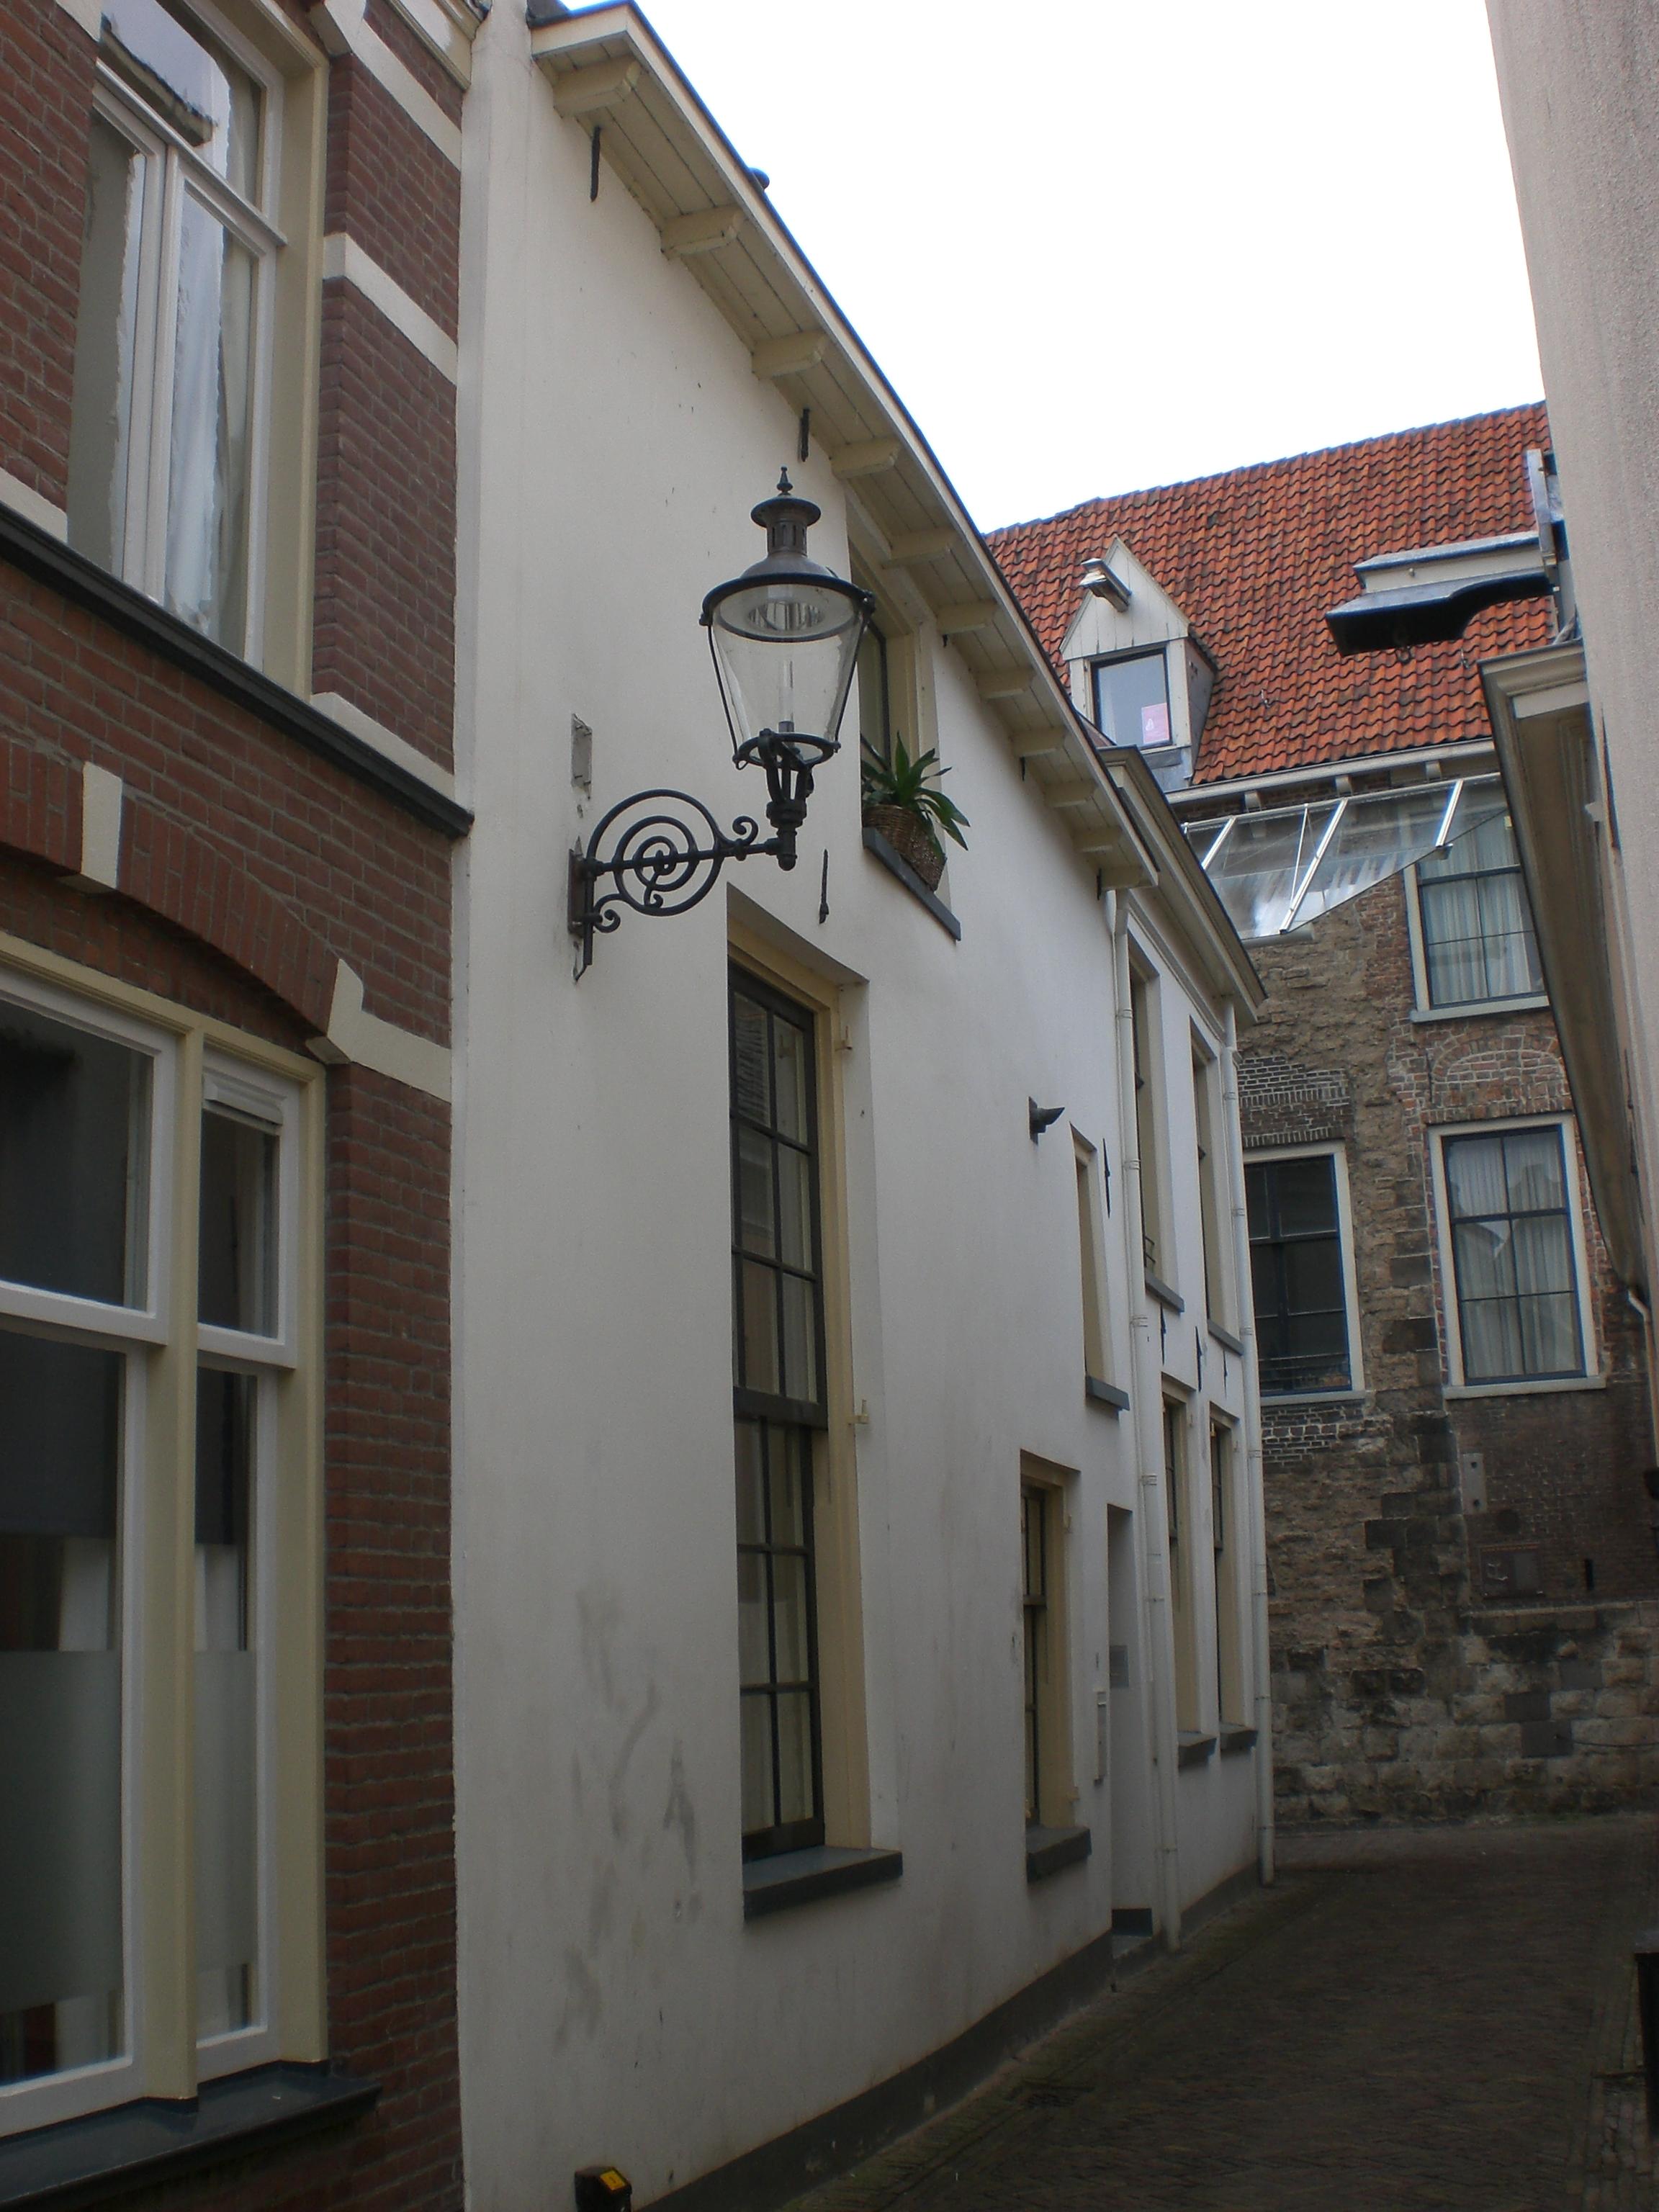 Huis met gepleisterde rechte gevel in deventer monument - Provencaalse huis gevel ...